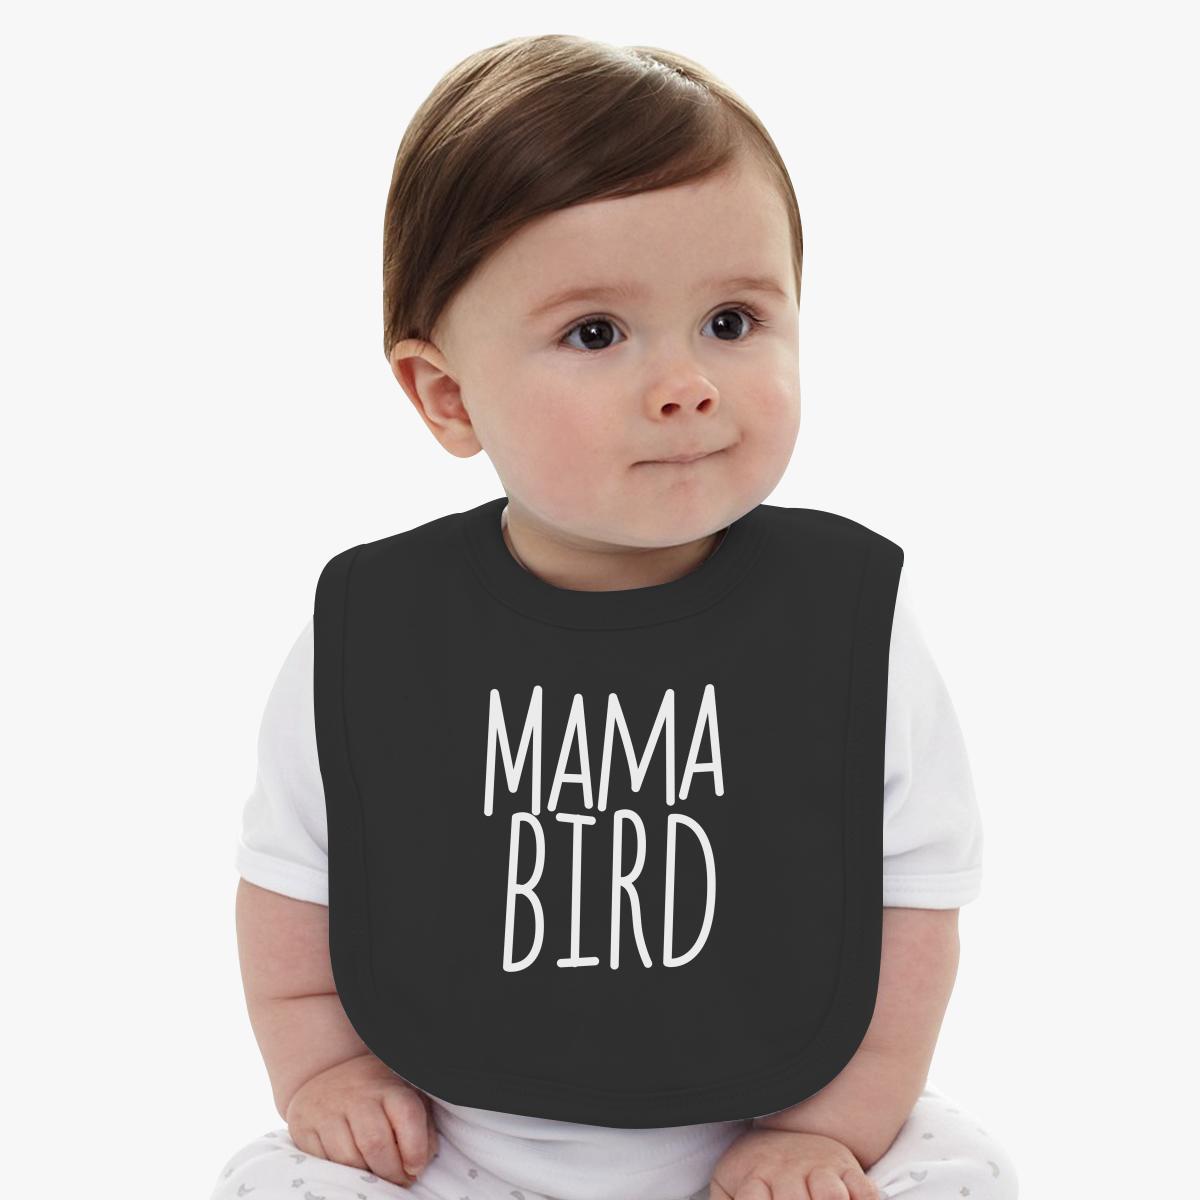 Mama bird Baby Bib